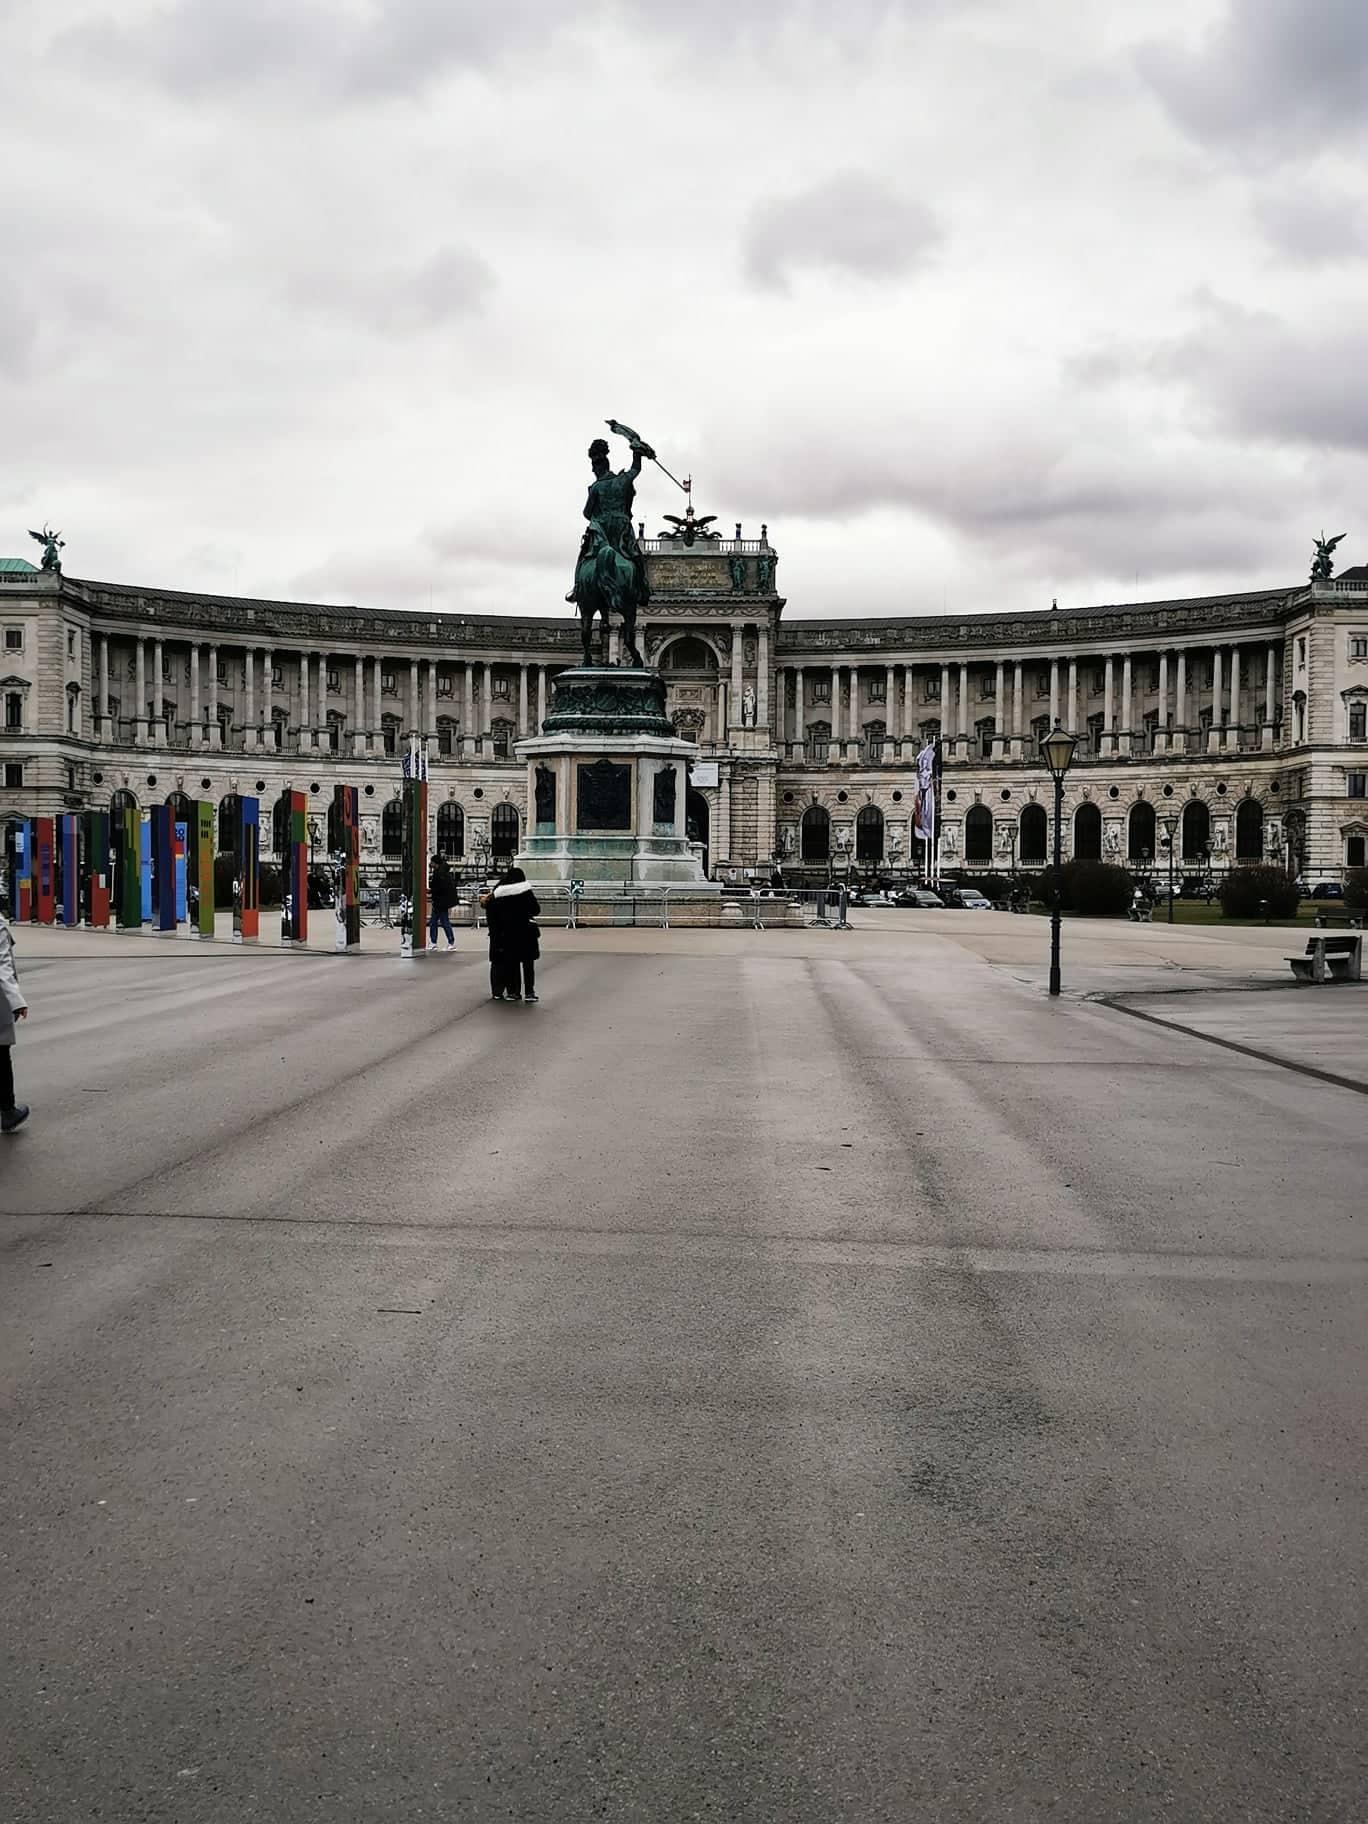 Βιέννη: Η Μικαέλα Θεοφίλου μας ταξιδεύει στη πρωτεύουσα της Αυστρίας